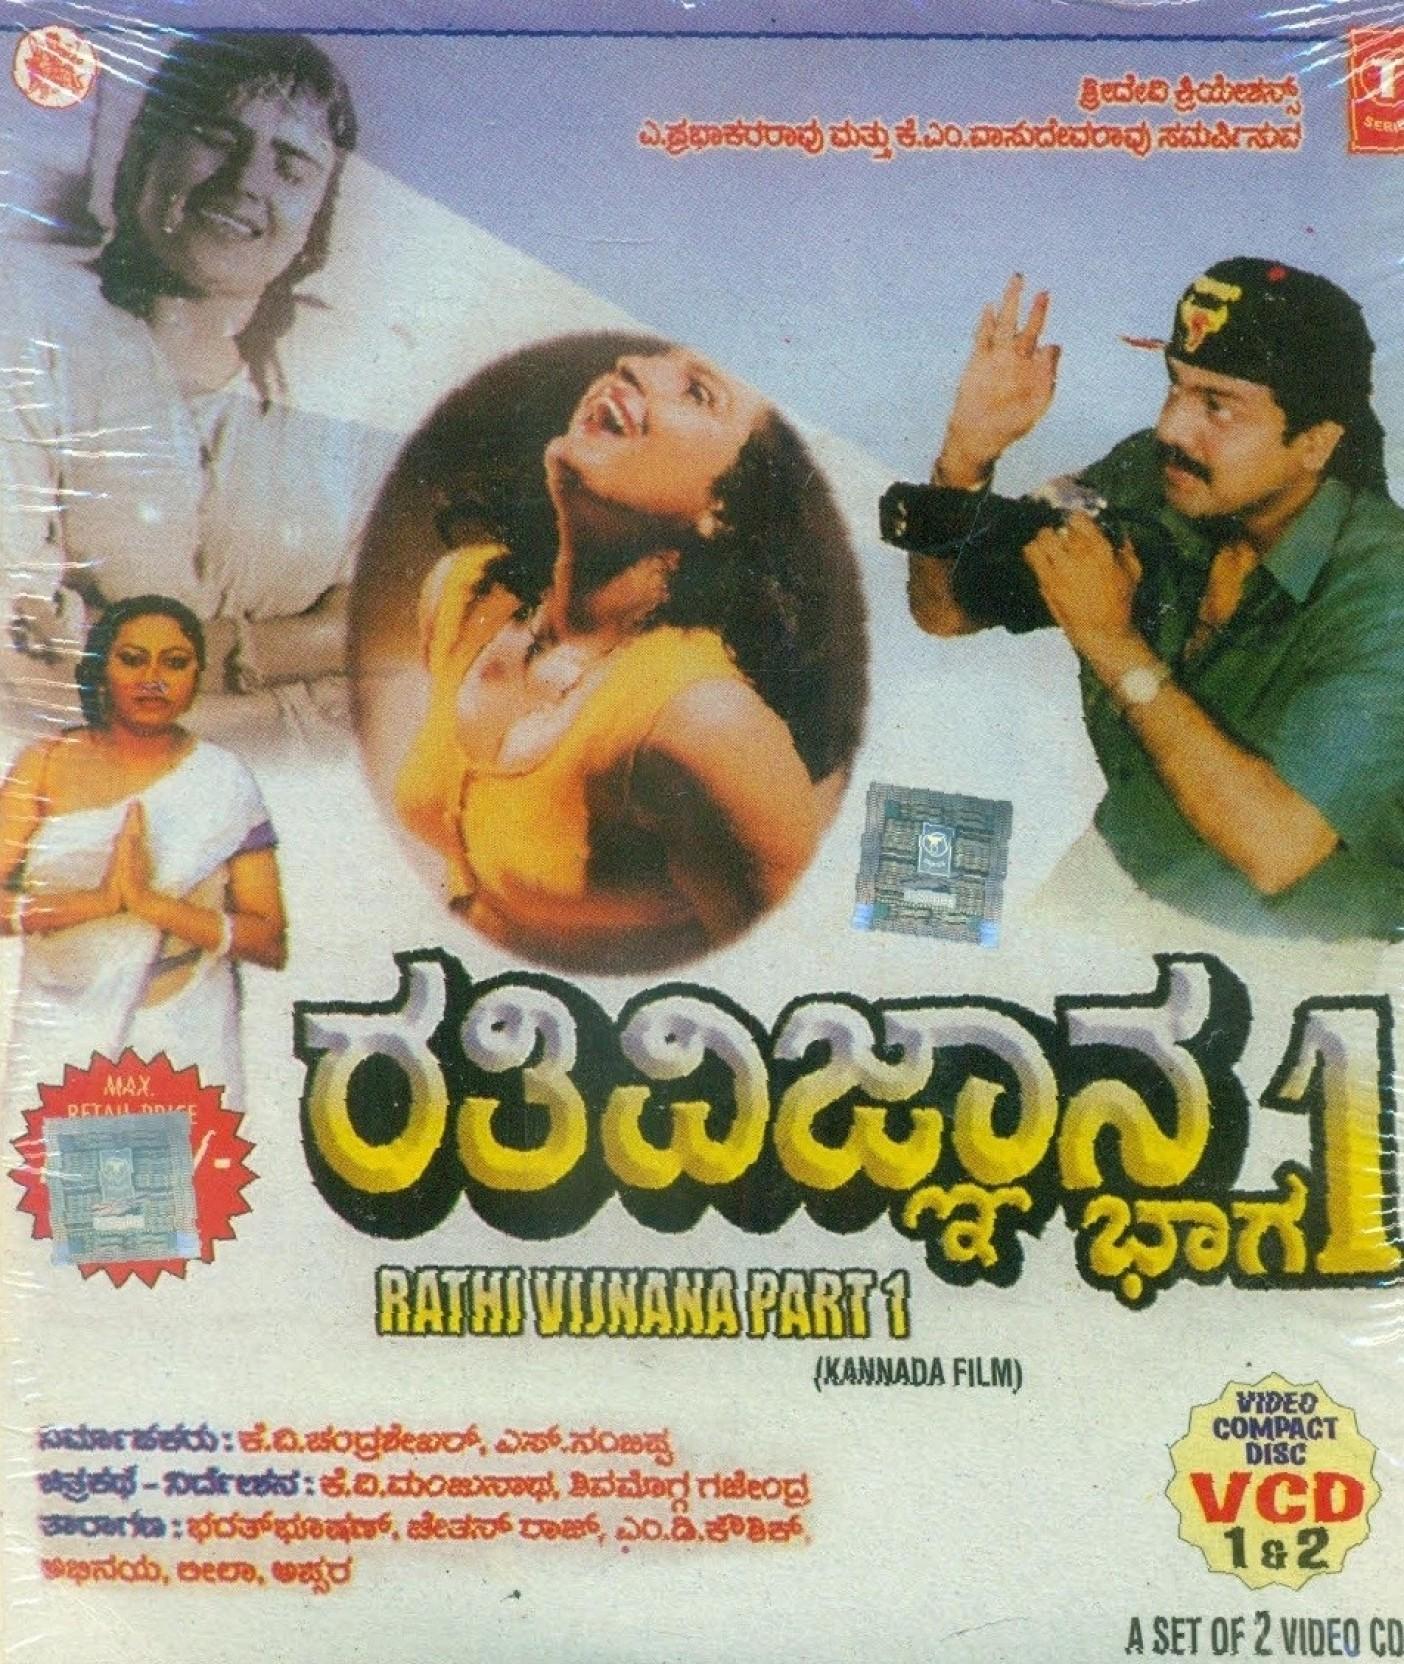 Rathi manmatha movie online